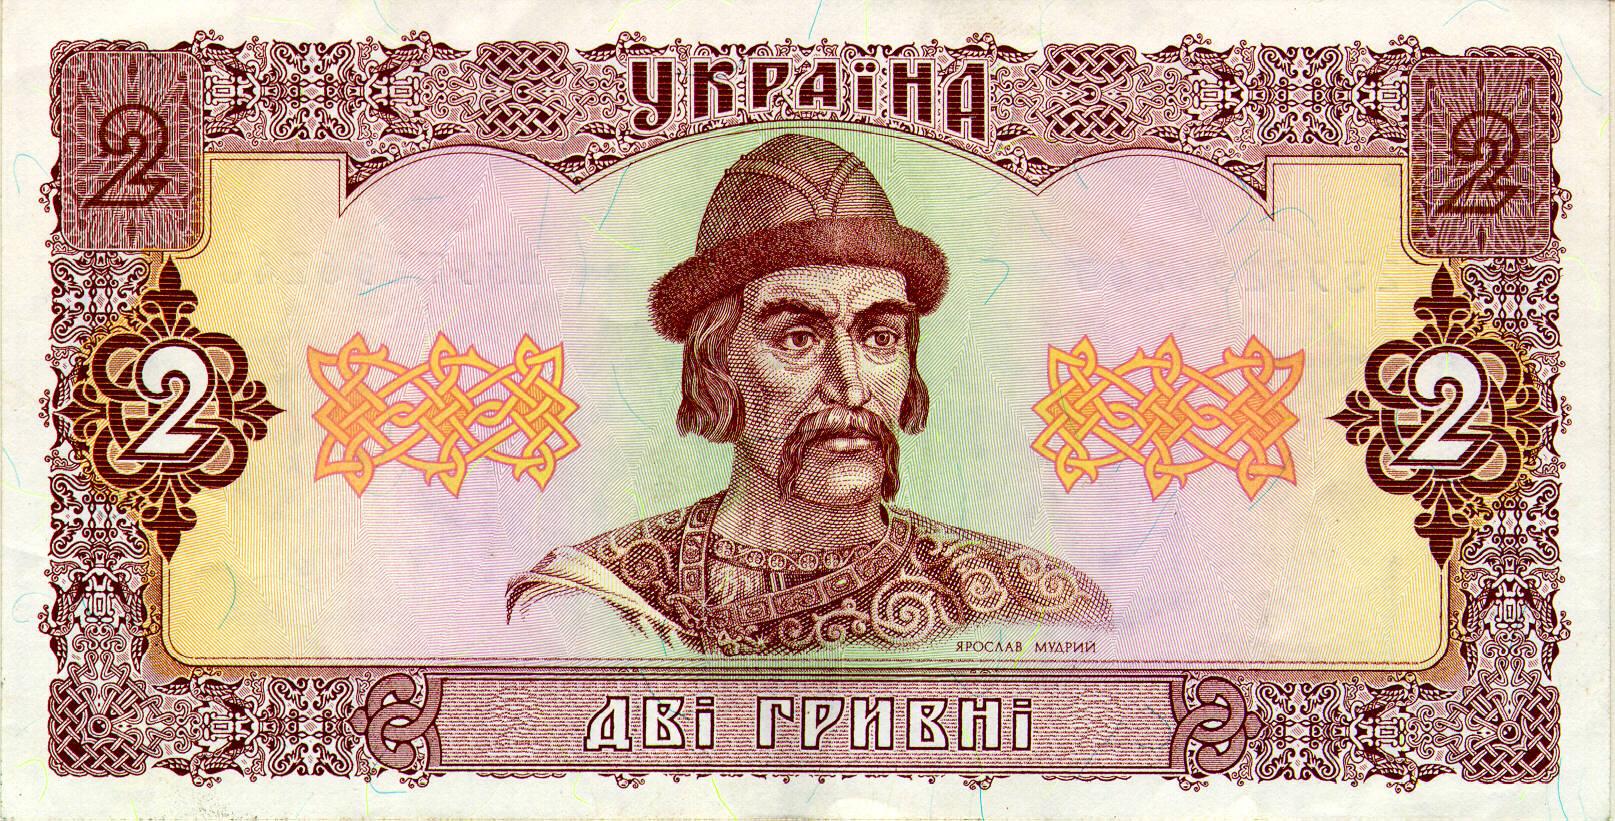 2 гривен в рублях 5 копеек 1978 года цена ссср стоимость